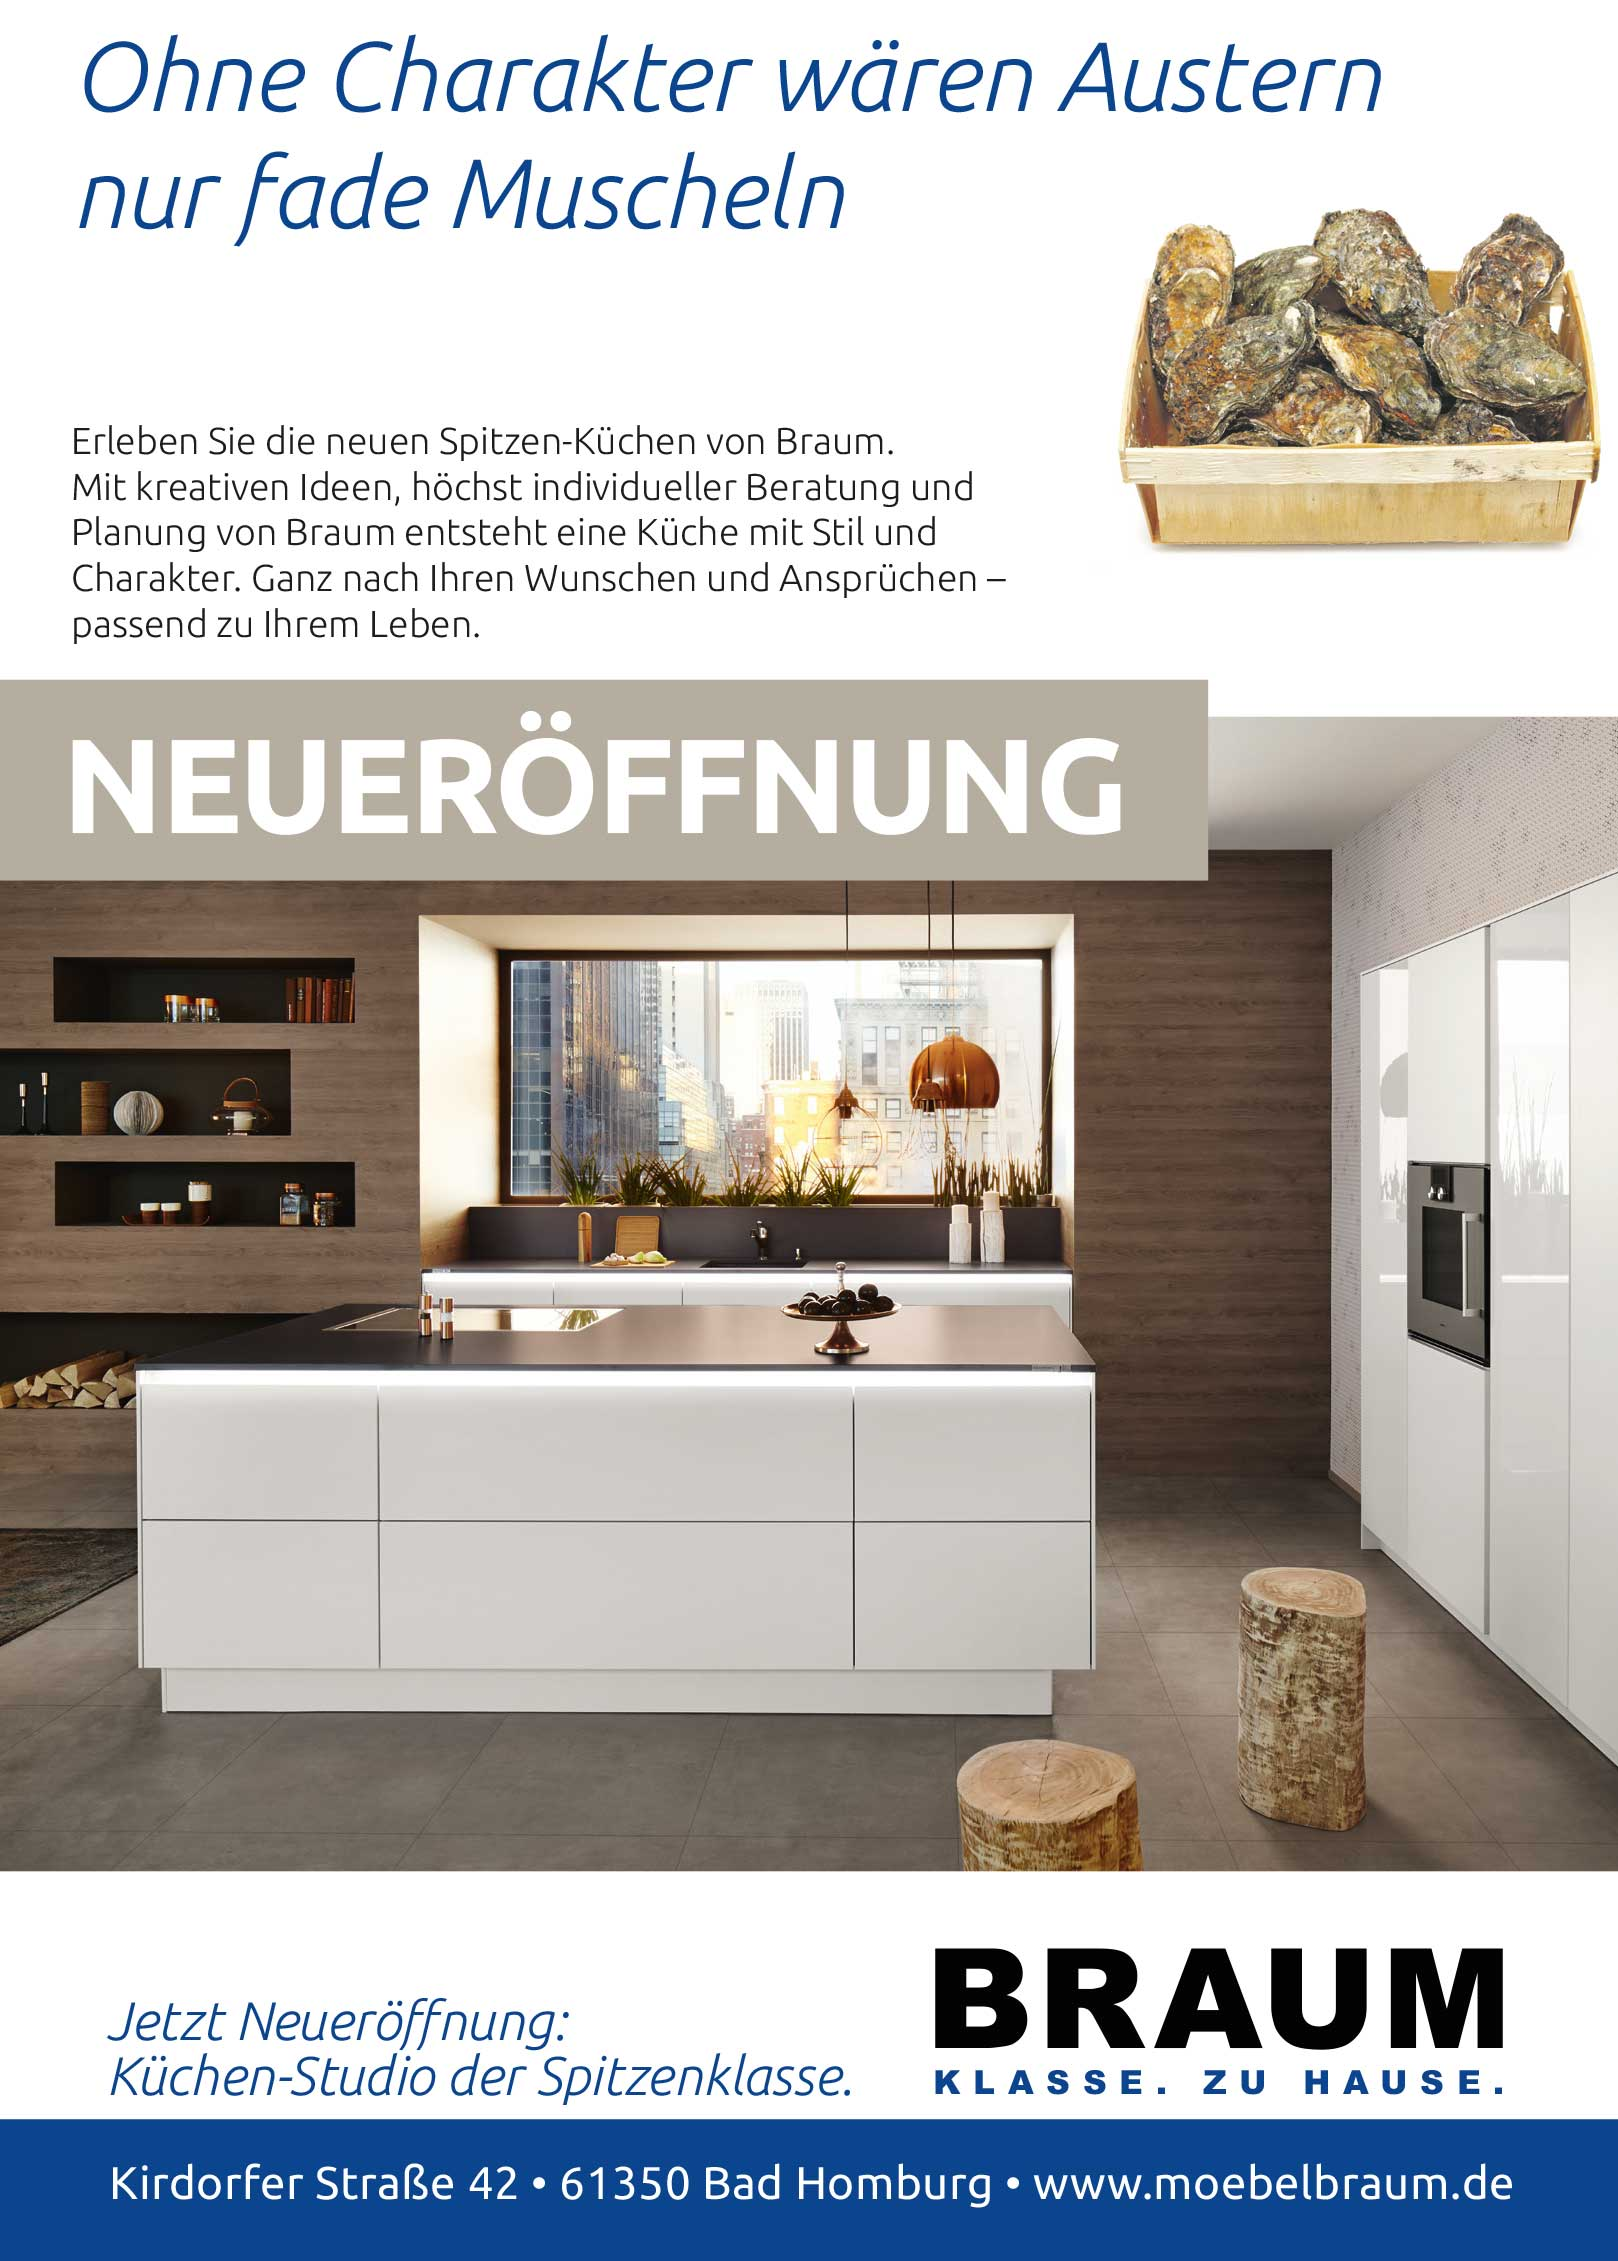 Angebote und Prospekte - Möbel Braum